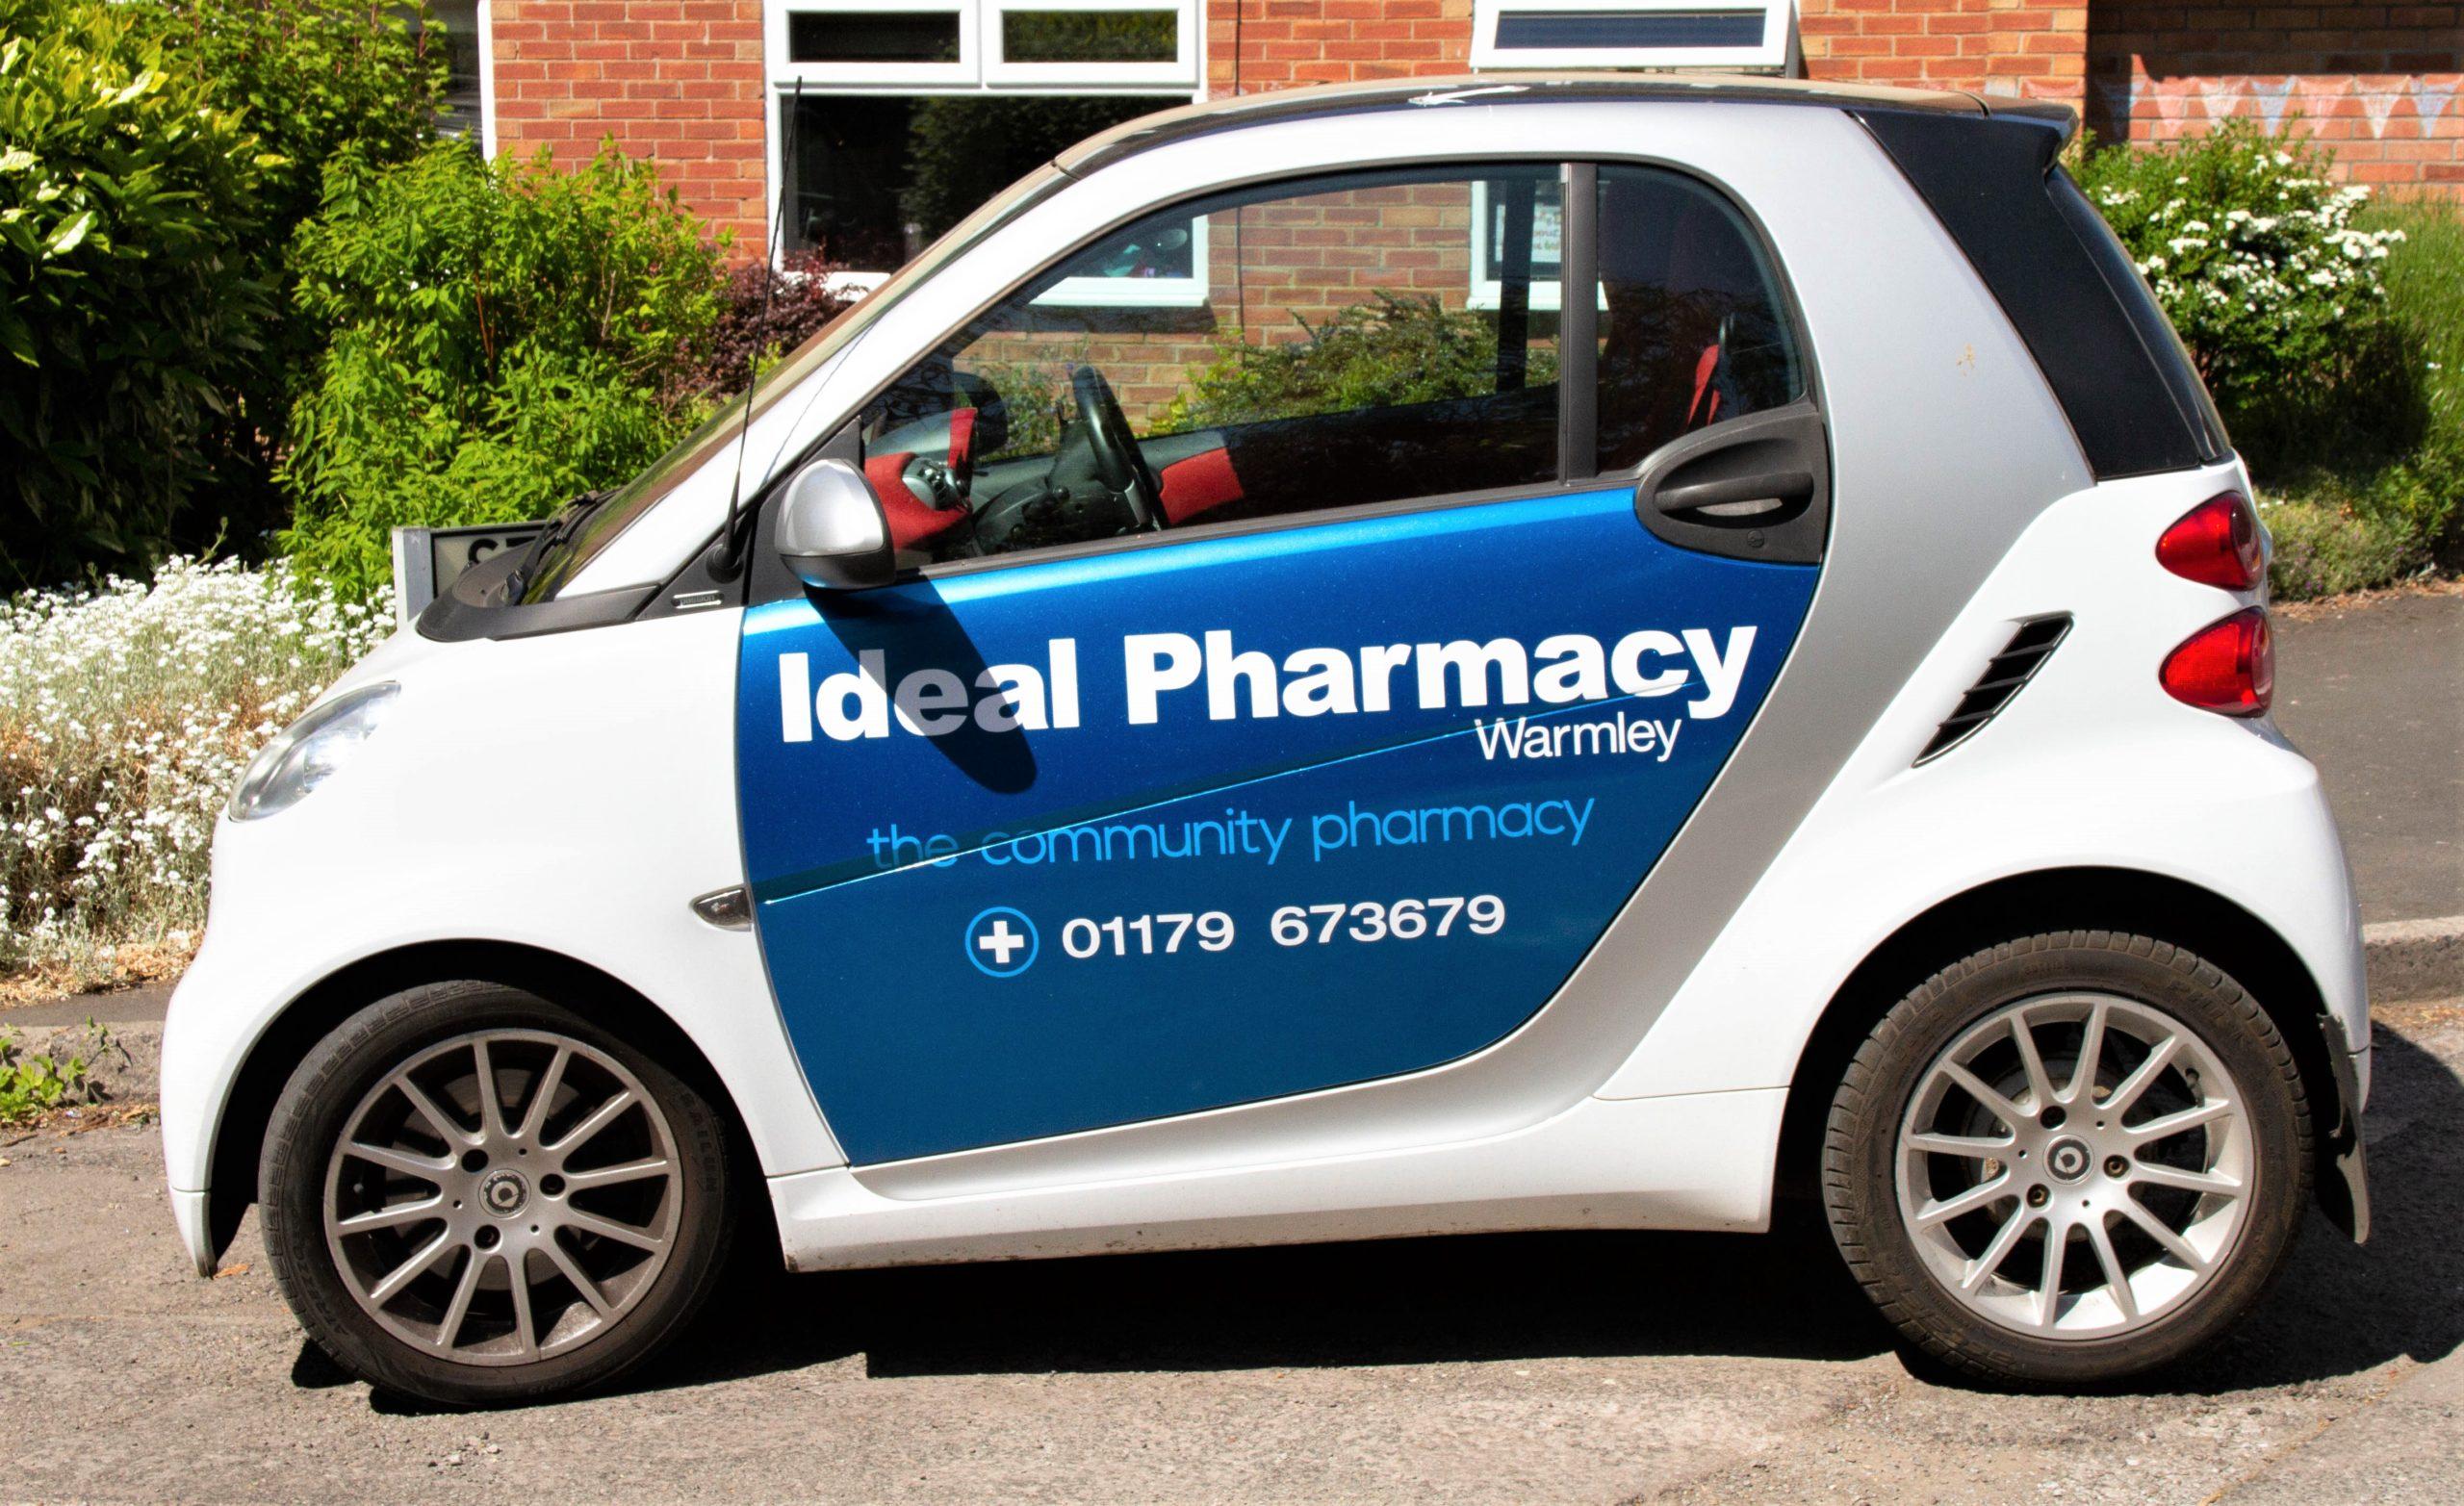 Ideal Pharmacy Smart Car